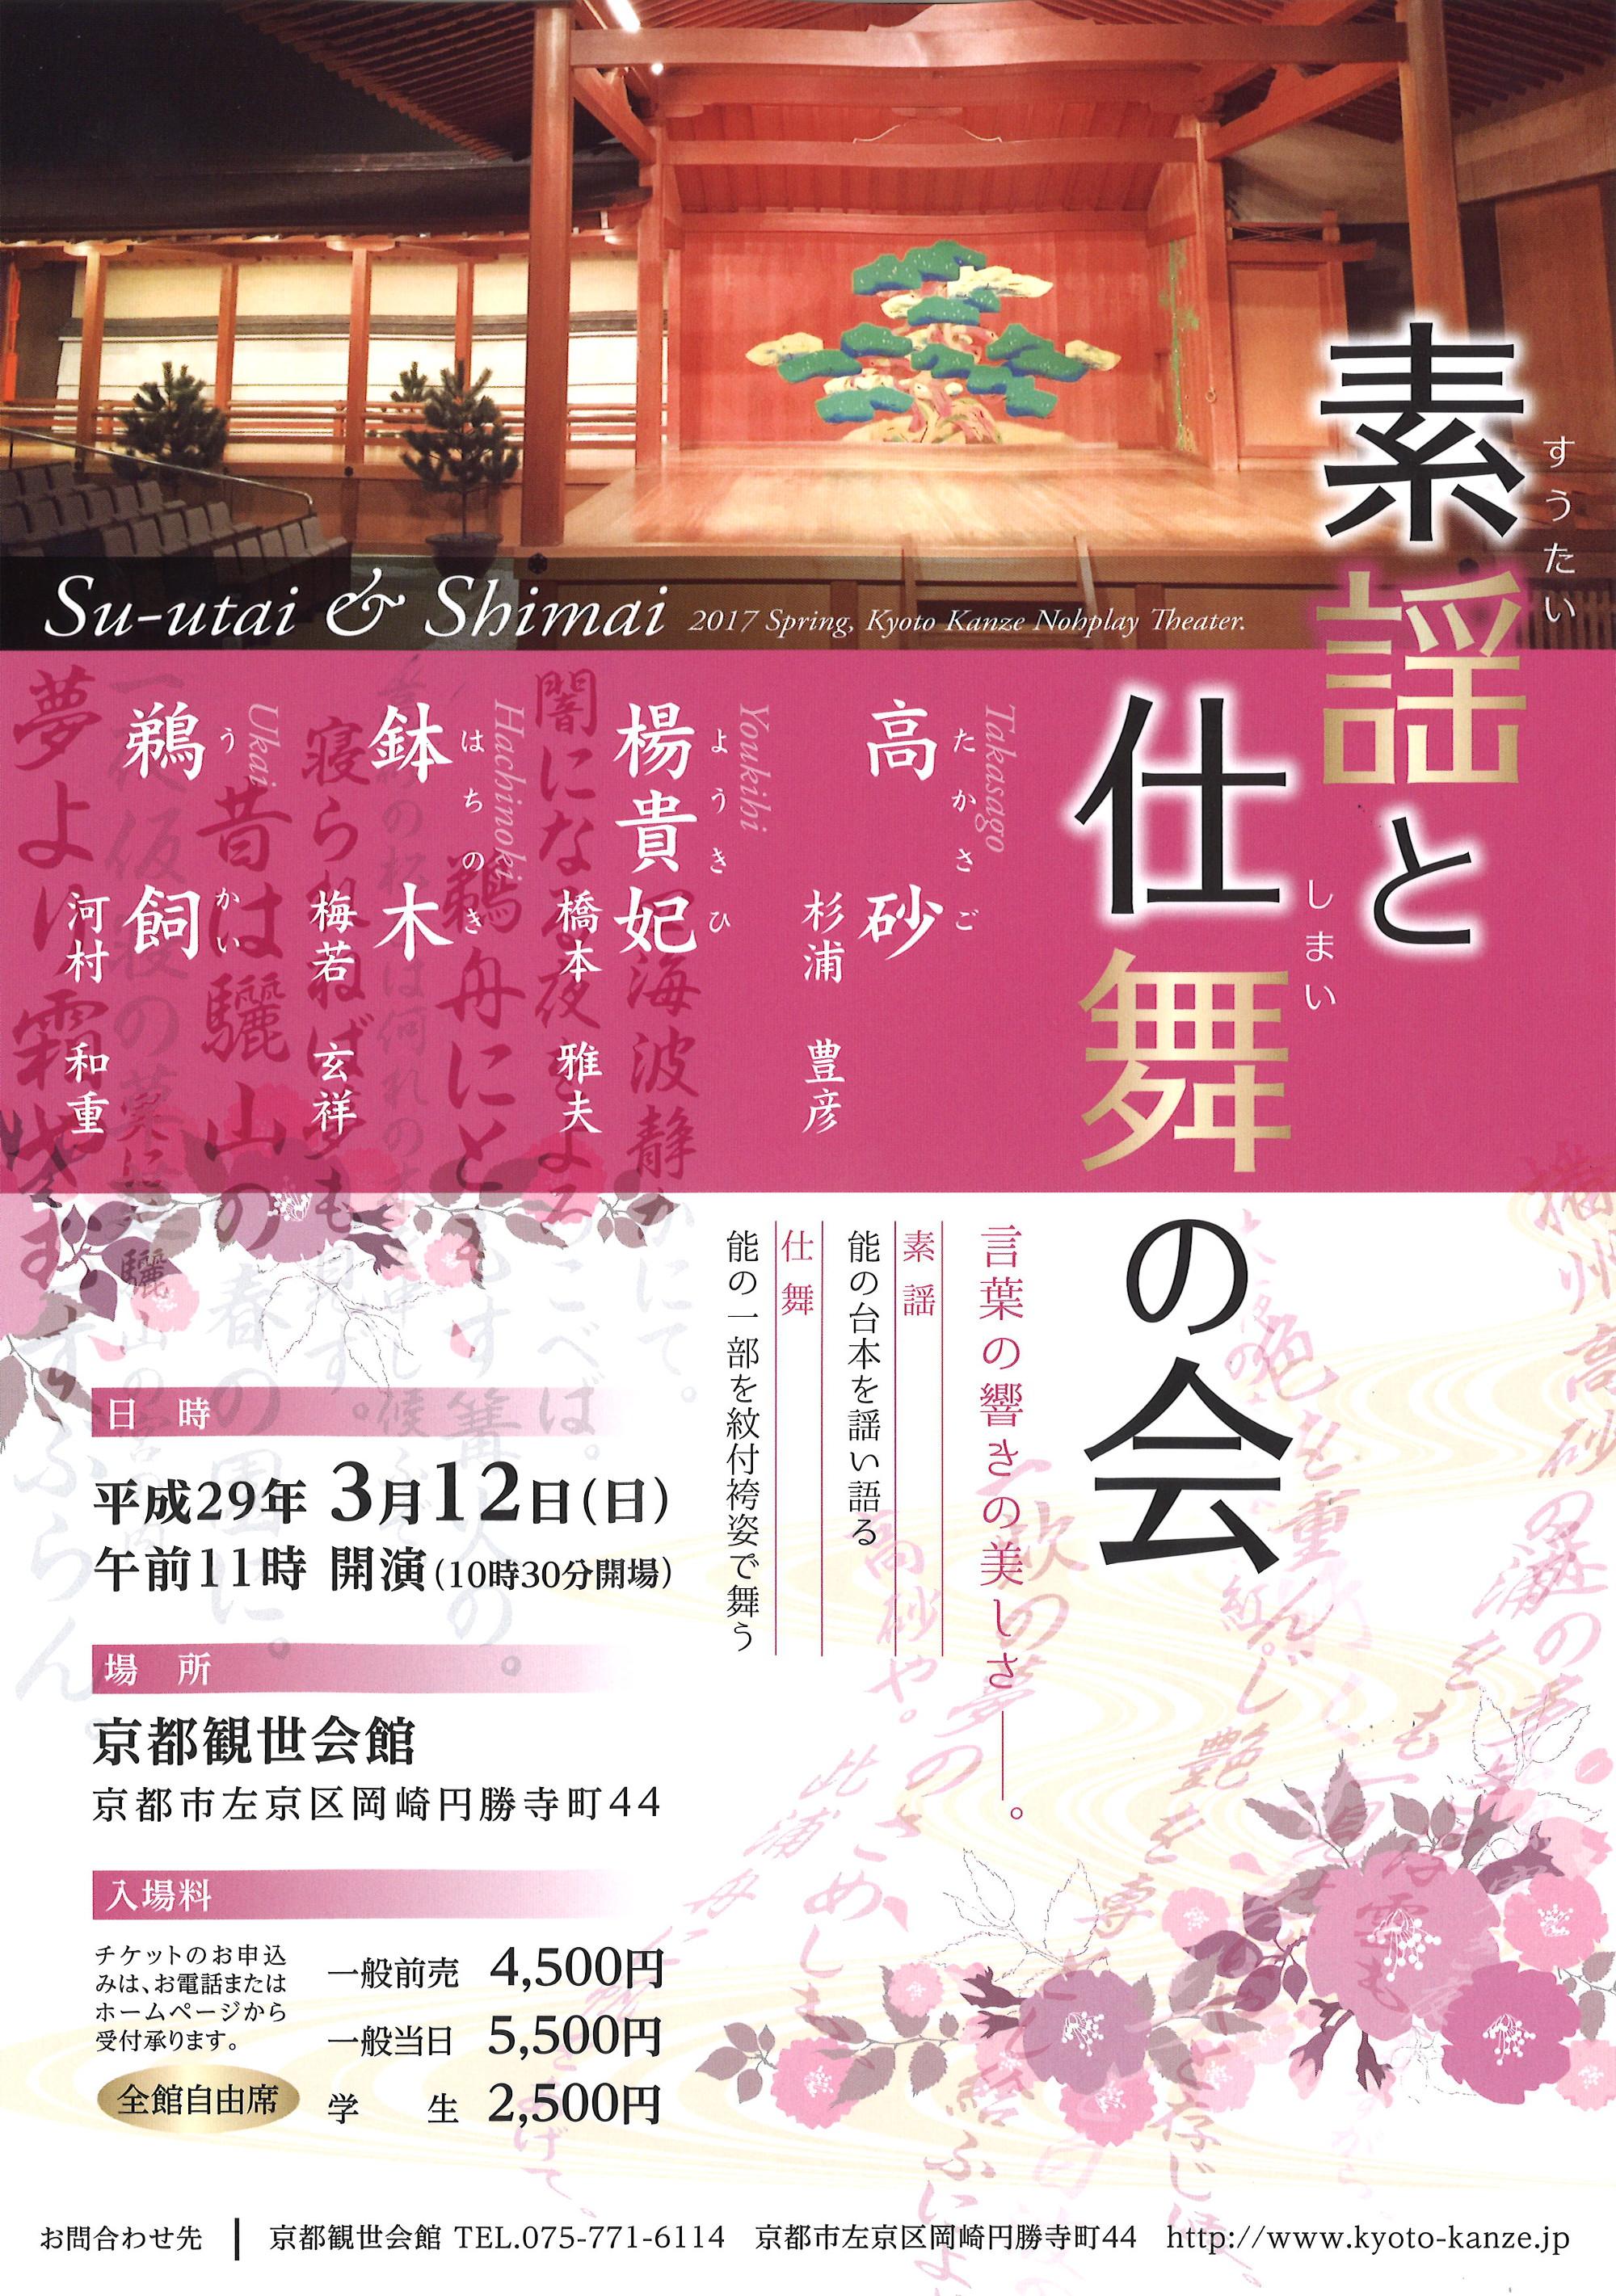 suutai_shimai_omote